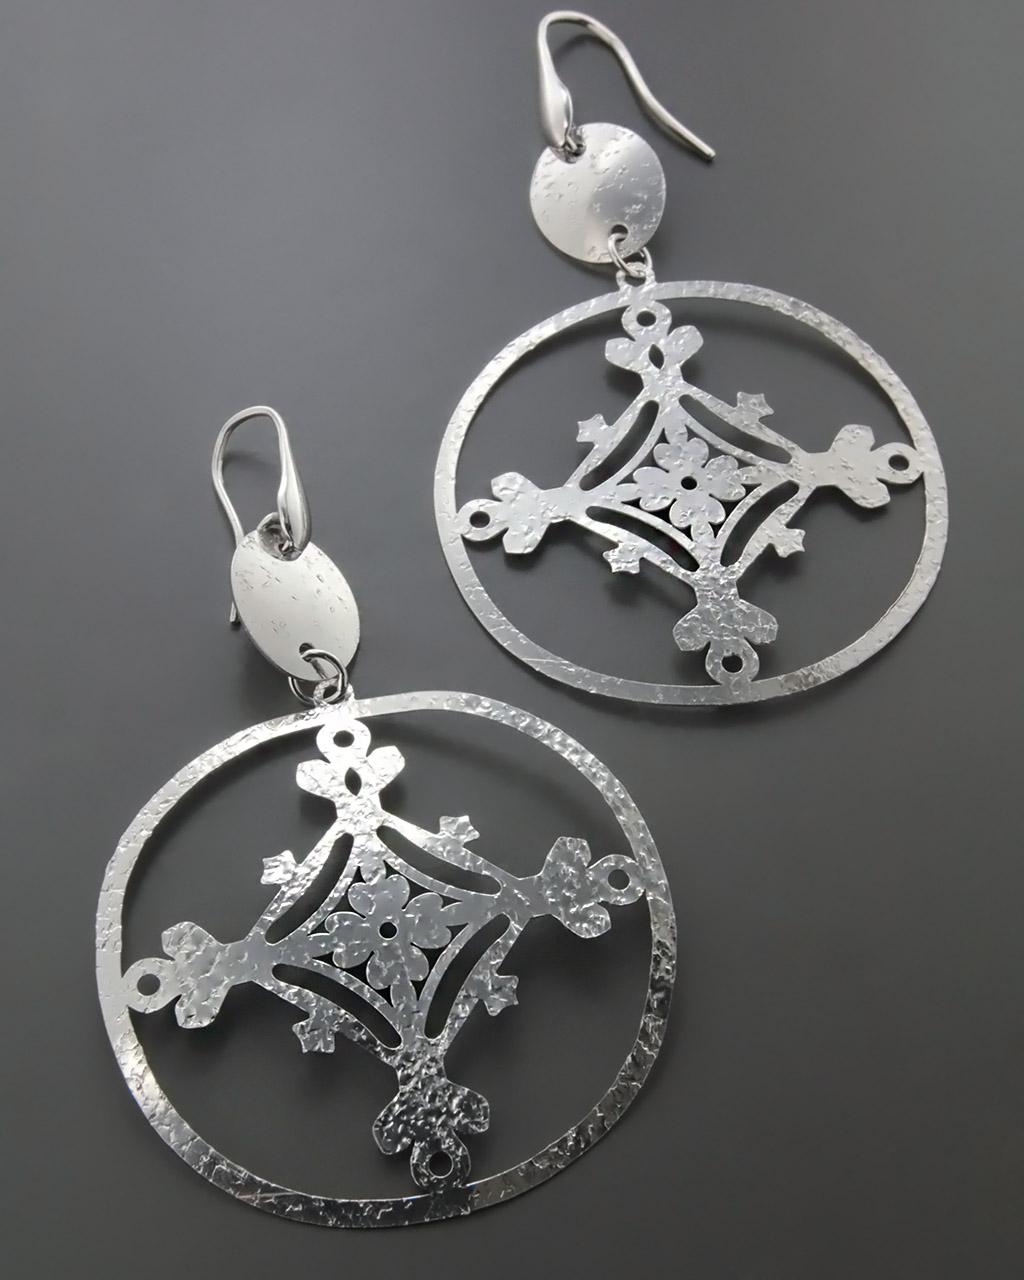 Σκουλαρίκια Κρίκοι Fashion ασημένια   γυναικα σκουλαρίκια σκουλαρίκια fashion